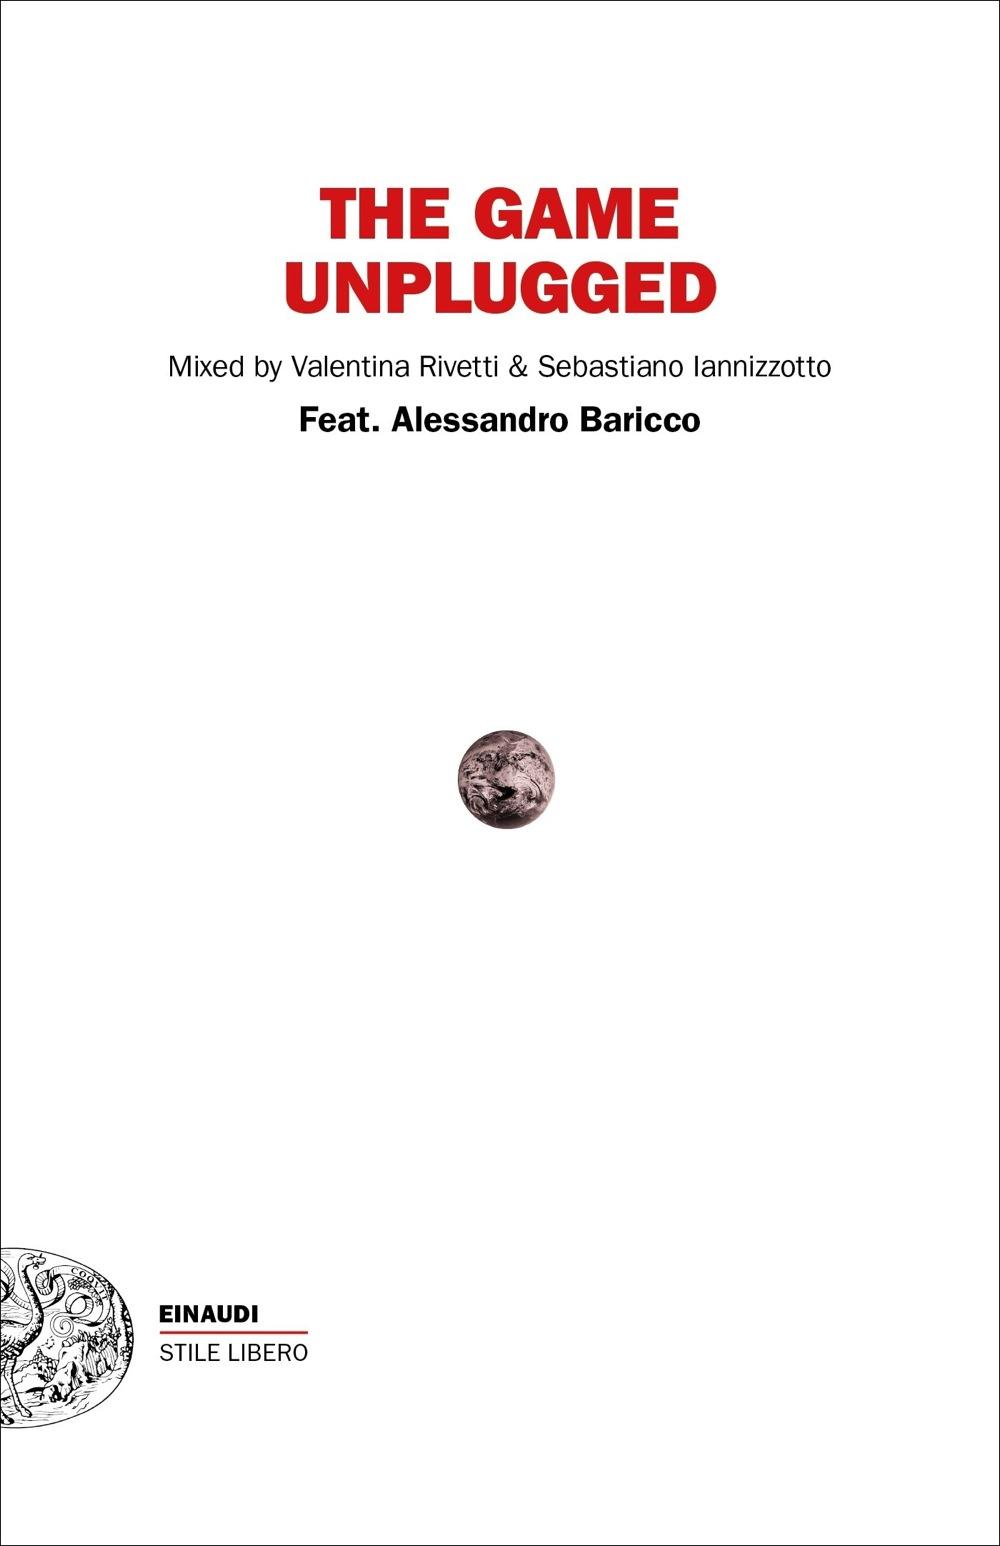 The game umplugged - Alessandro Baricco - Recomendación de verano 2019 scriptanent